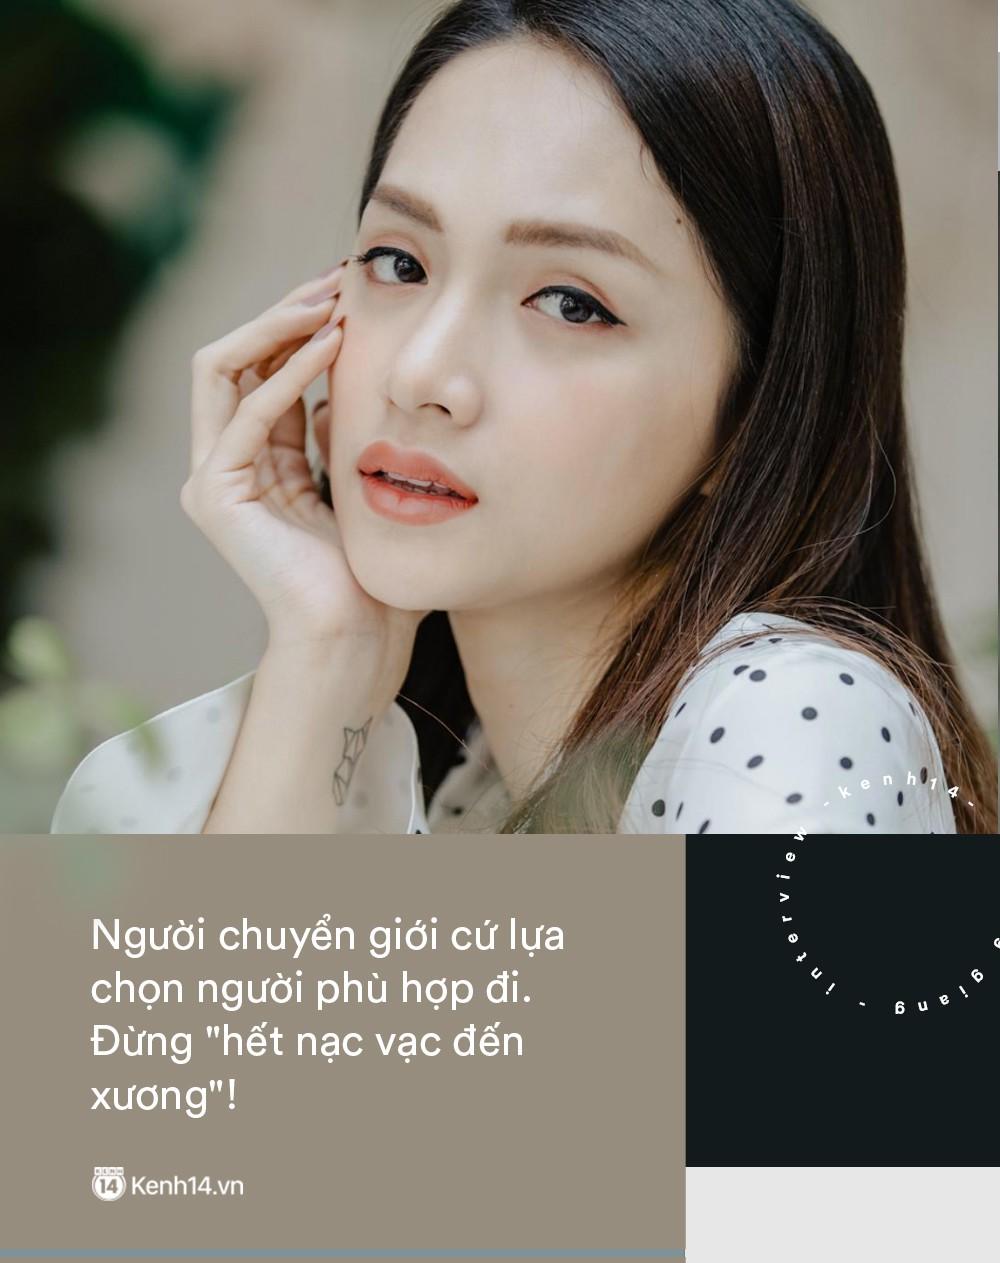 Hoa hậu Hương Giang: Người chuyển giới cứ lựa chọn người phù hợp đi. Đừng hết nạc vạc đến xương! - Ảnh 8.